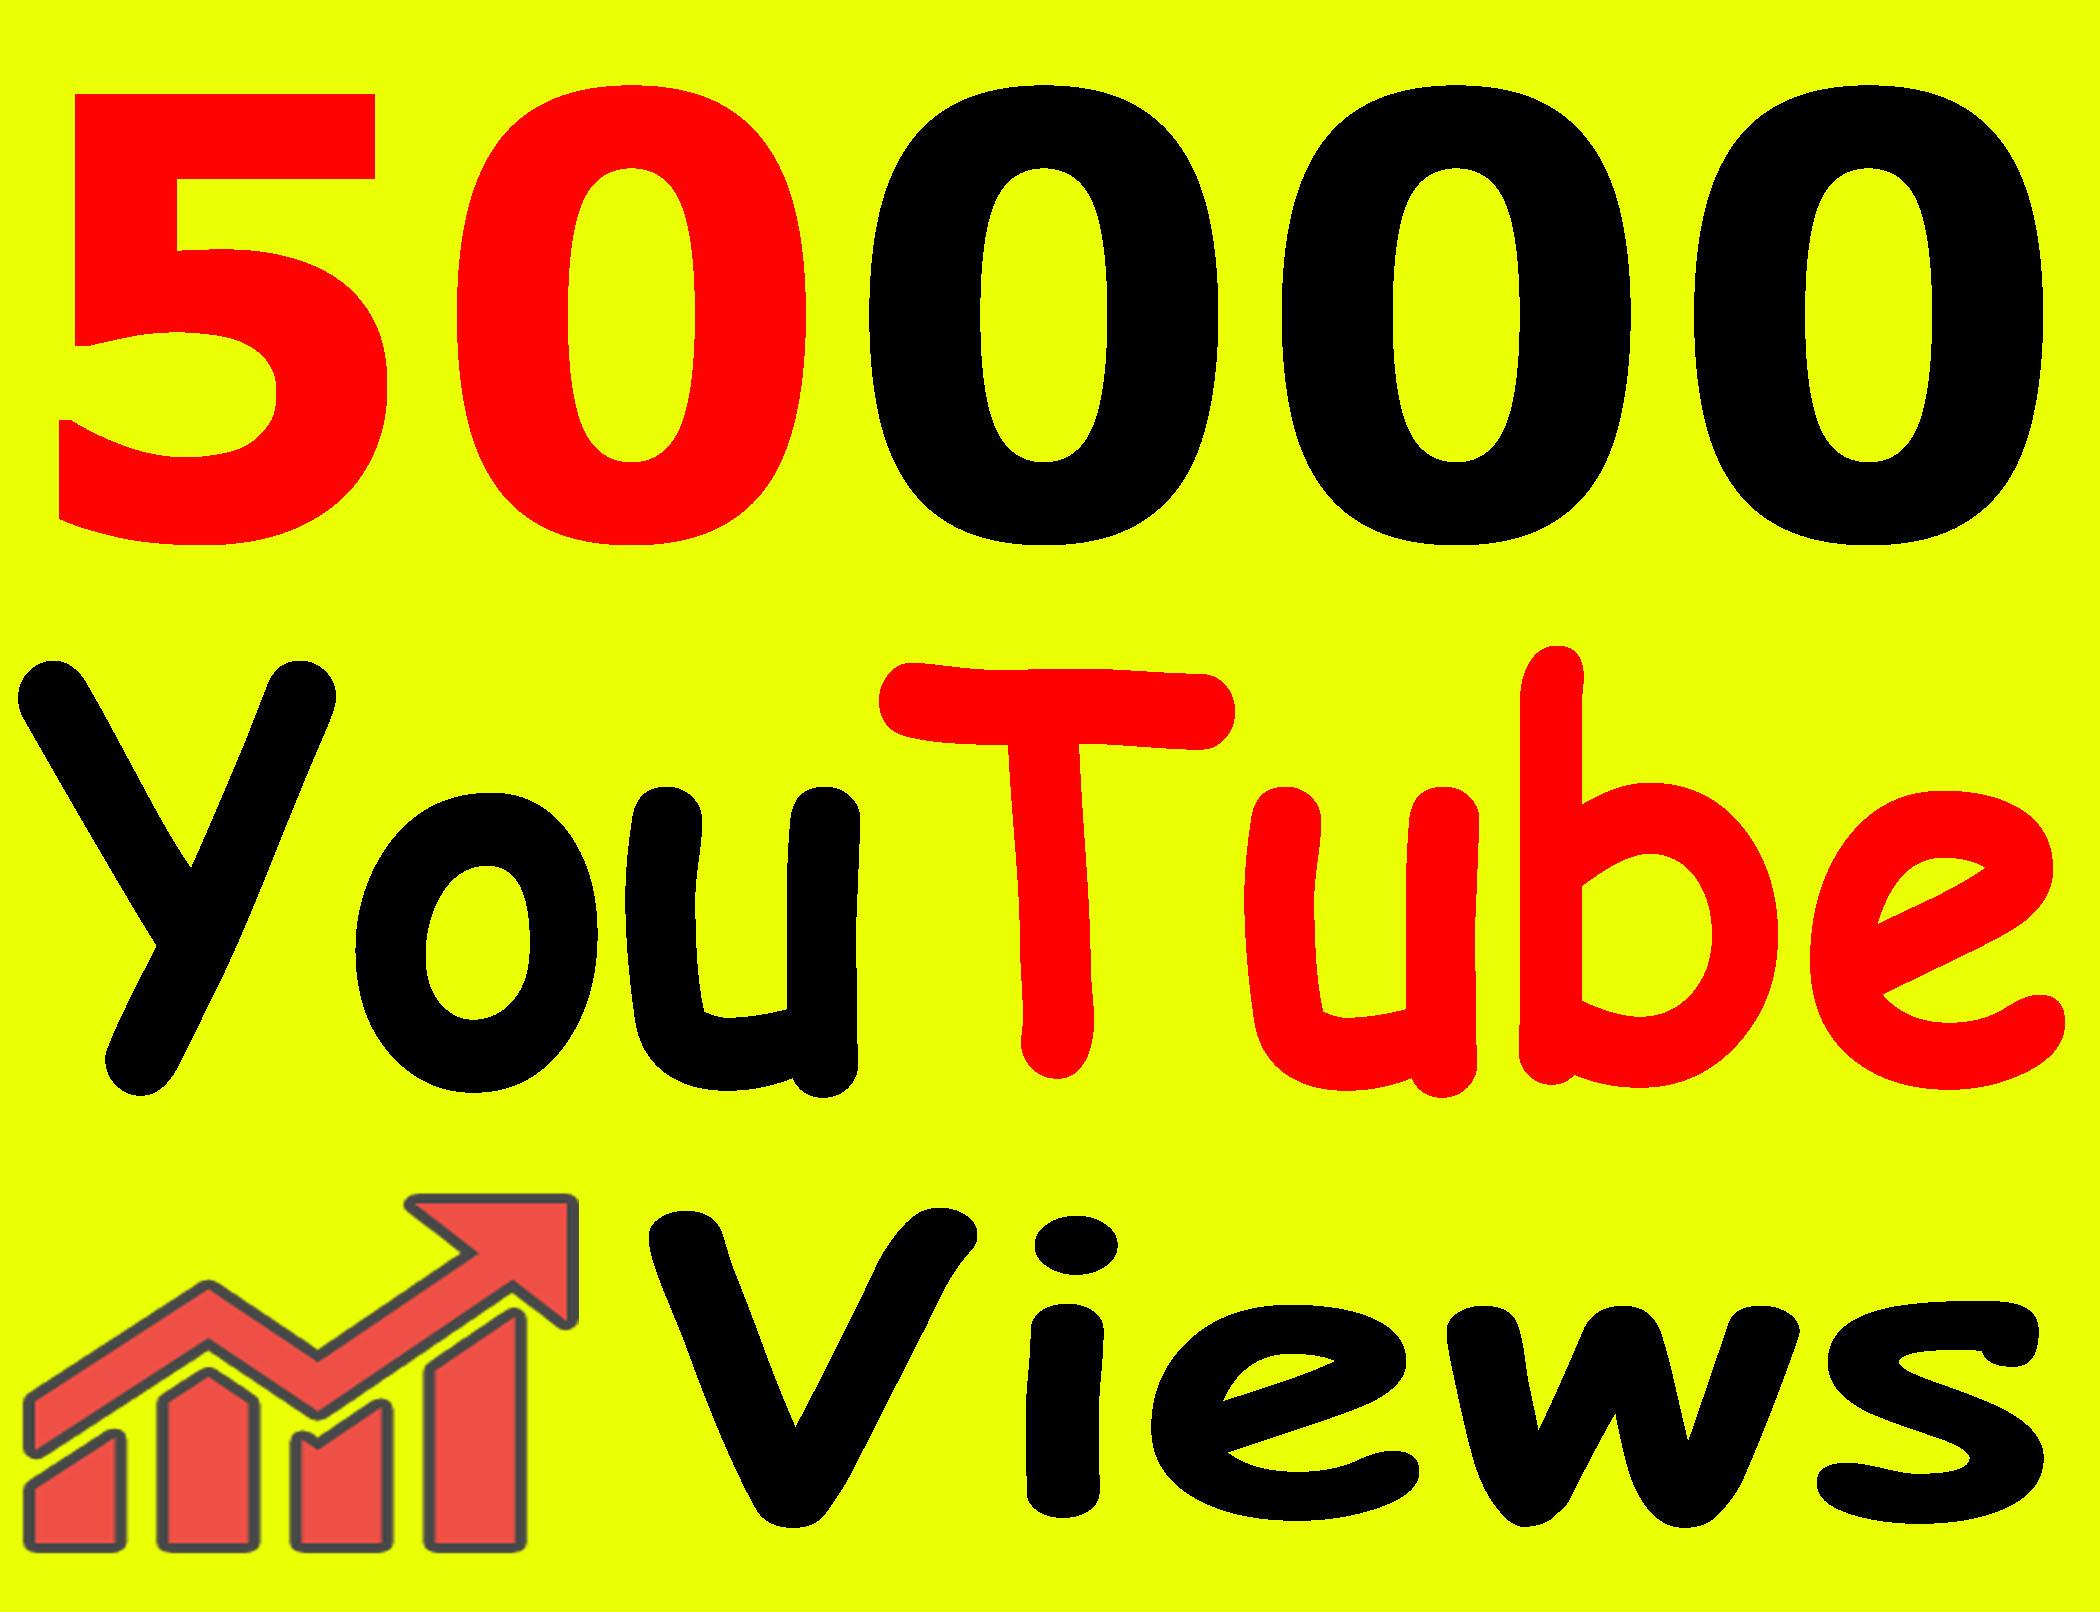 Give 50,000+ Vi ews Full Retention Safe Lifetime Guarantee with bonus Li kes